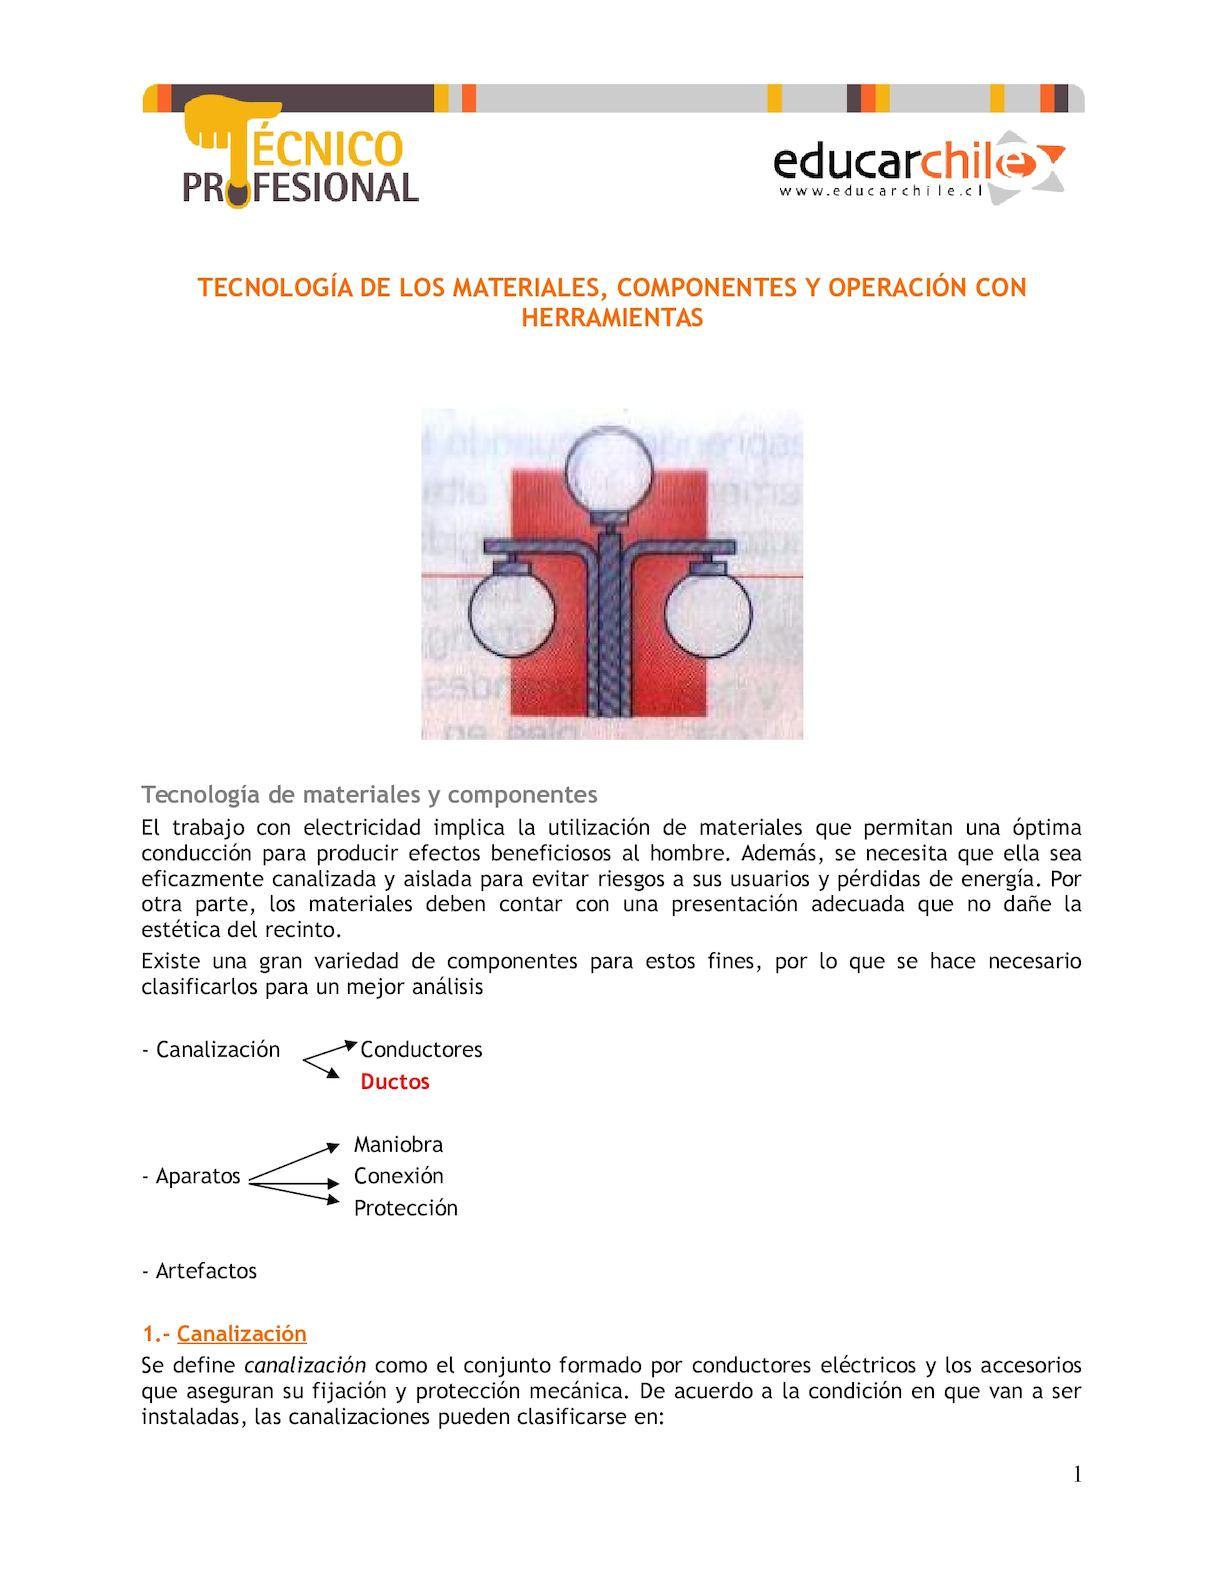 Circuito Unilineal : Calaméo tecnologia de los materiales componentes y operacion con he